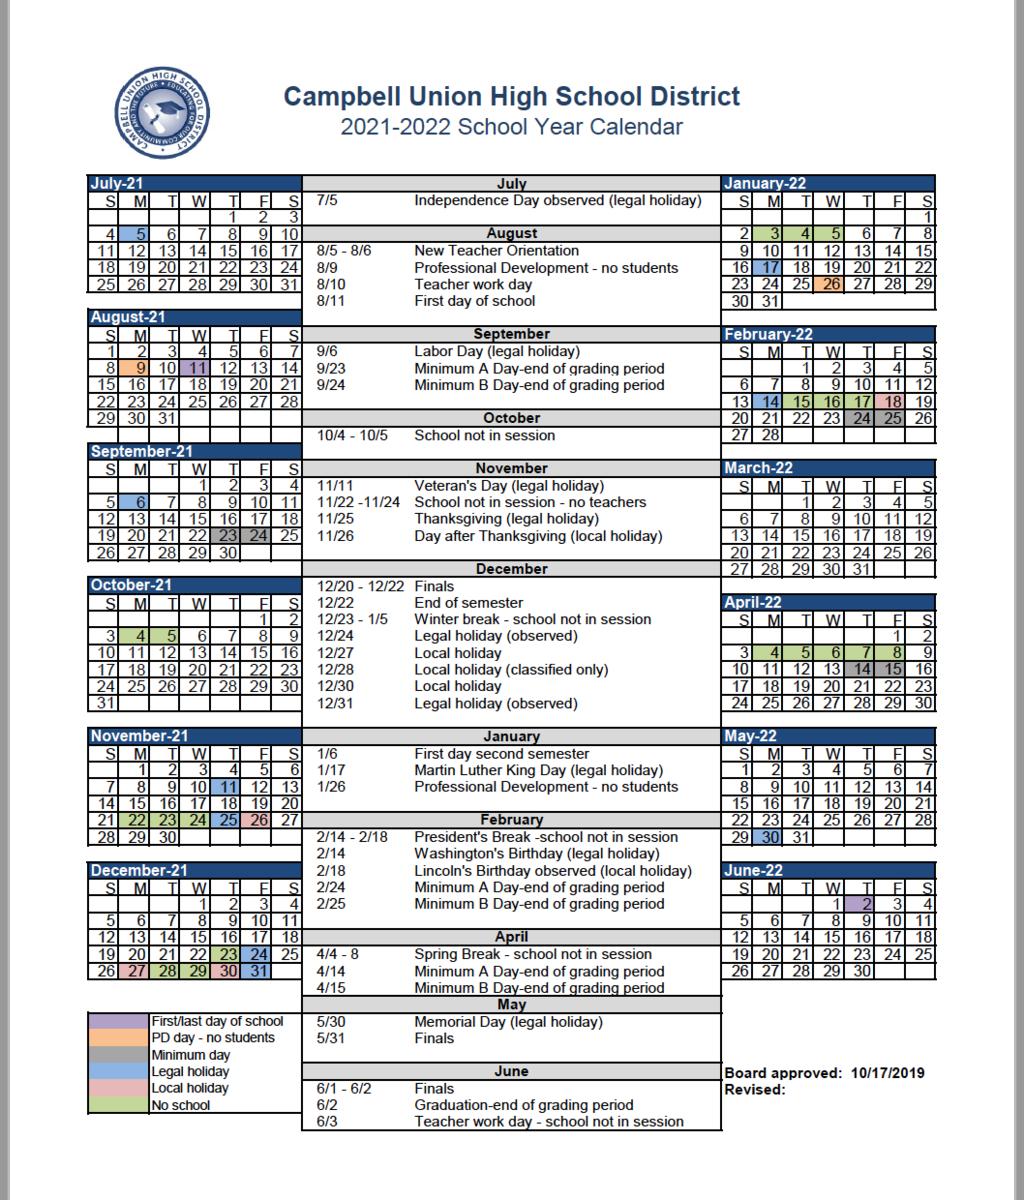 Uc Berkeley Academic Calendar 2017 | Calendar For Planning regarding Berkeley Academic Calendar